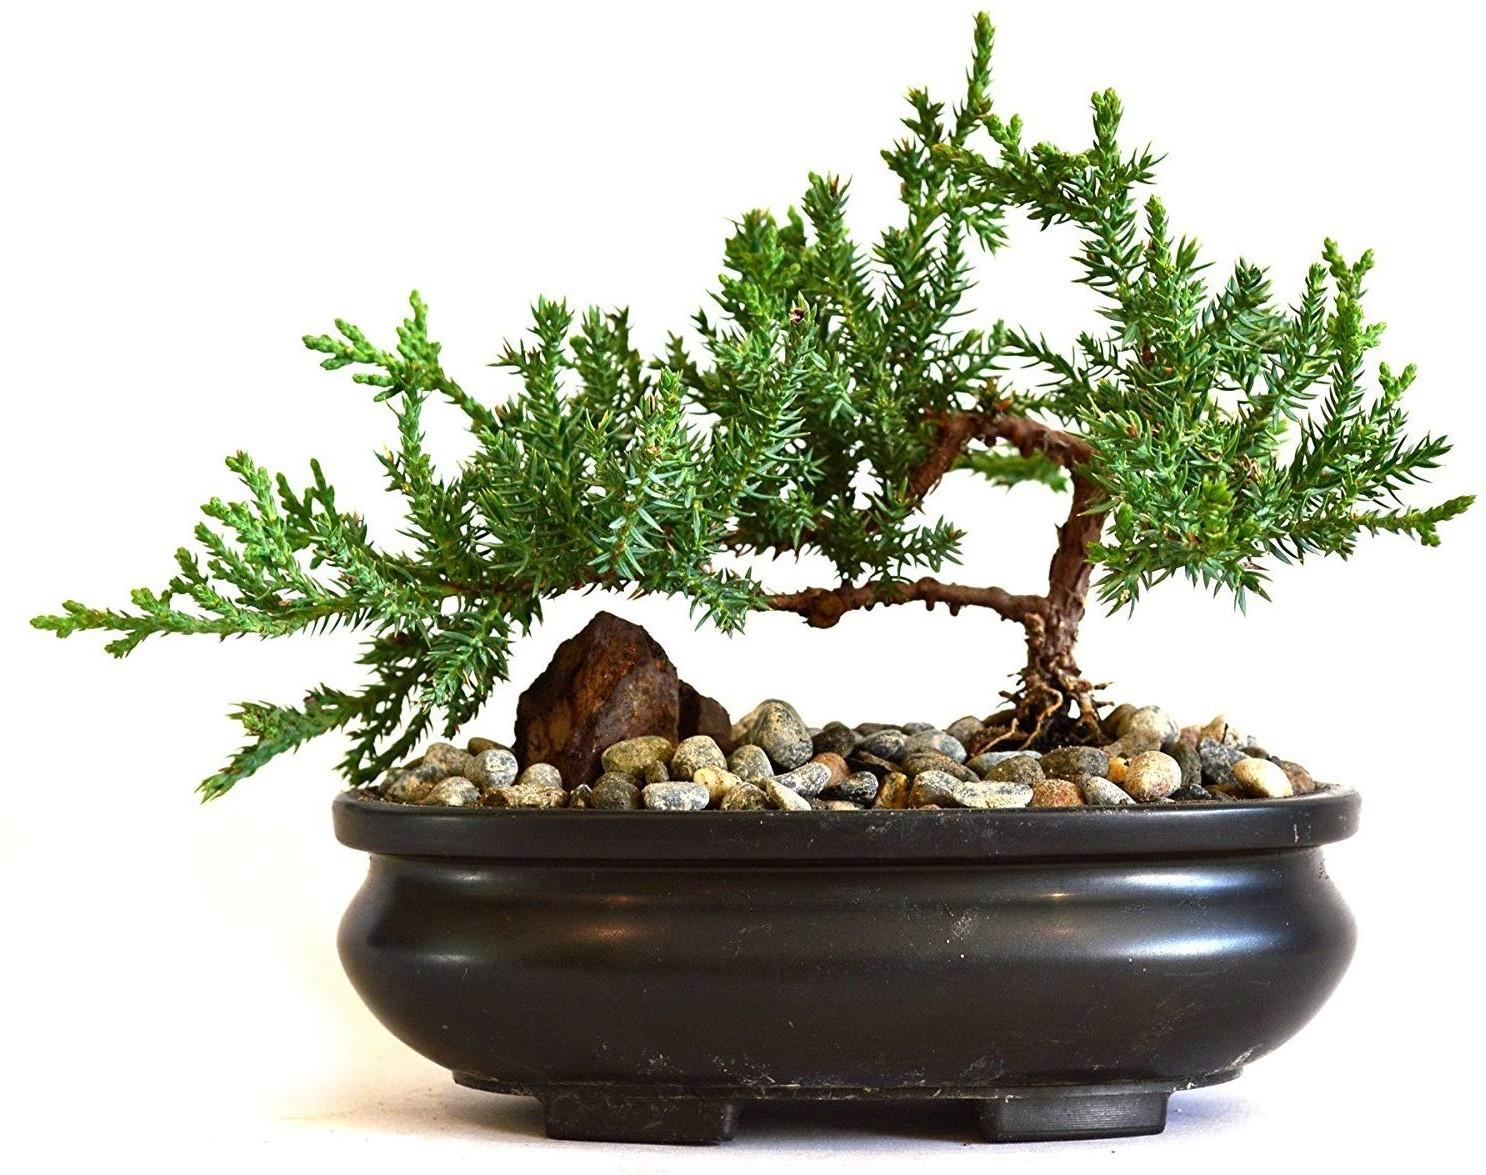 Un arbre devient dormant lorsque les températures et l'intensité lumineuse diminuent progressivement au cours de plusieurs semaines.